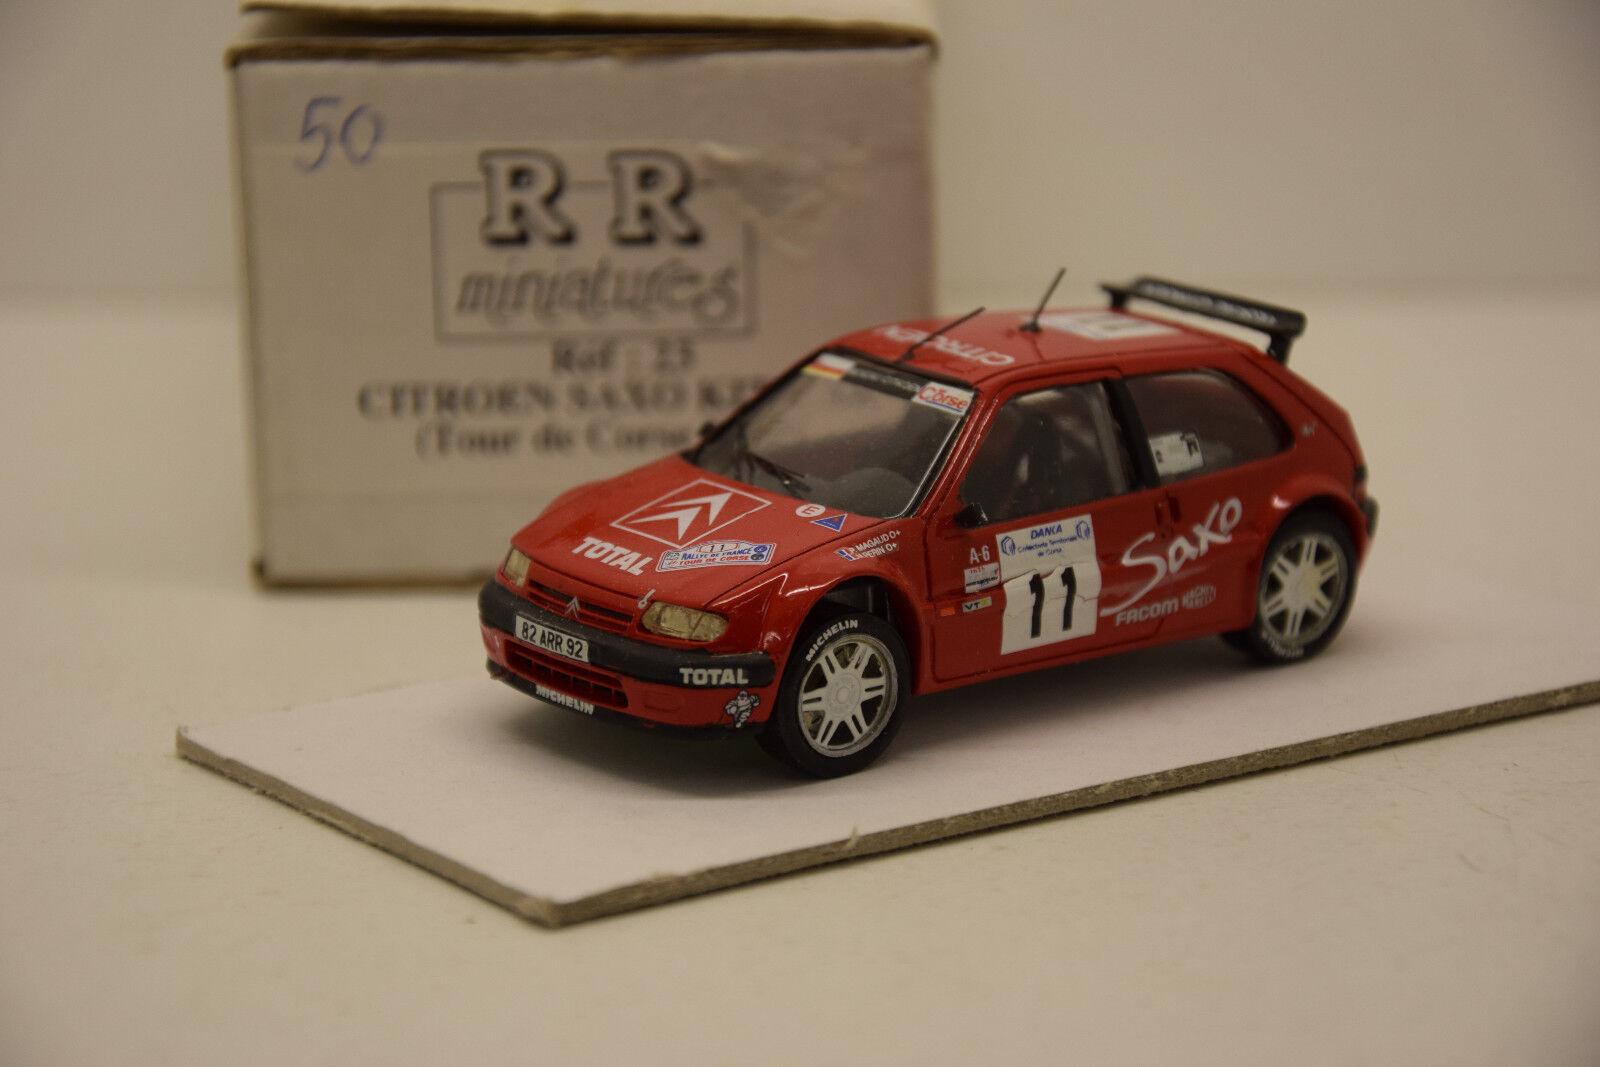 CITROEN SAXO KIT CAR CORSE 1997 RR MINIATURES 1 1 1 43 NEUVE EN BOITE MONTAGE USINE 8403d8